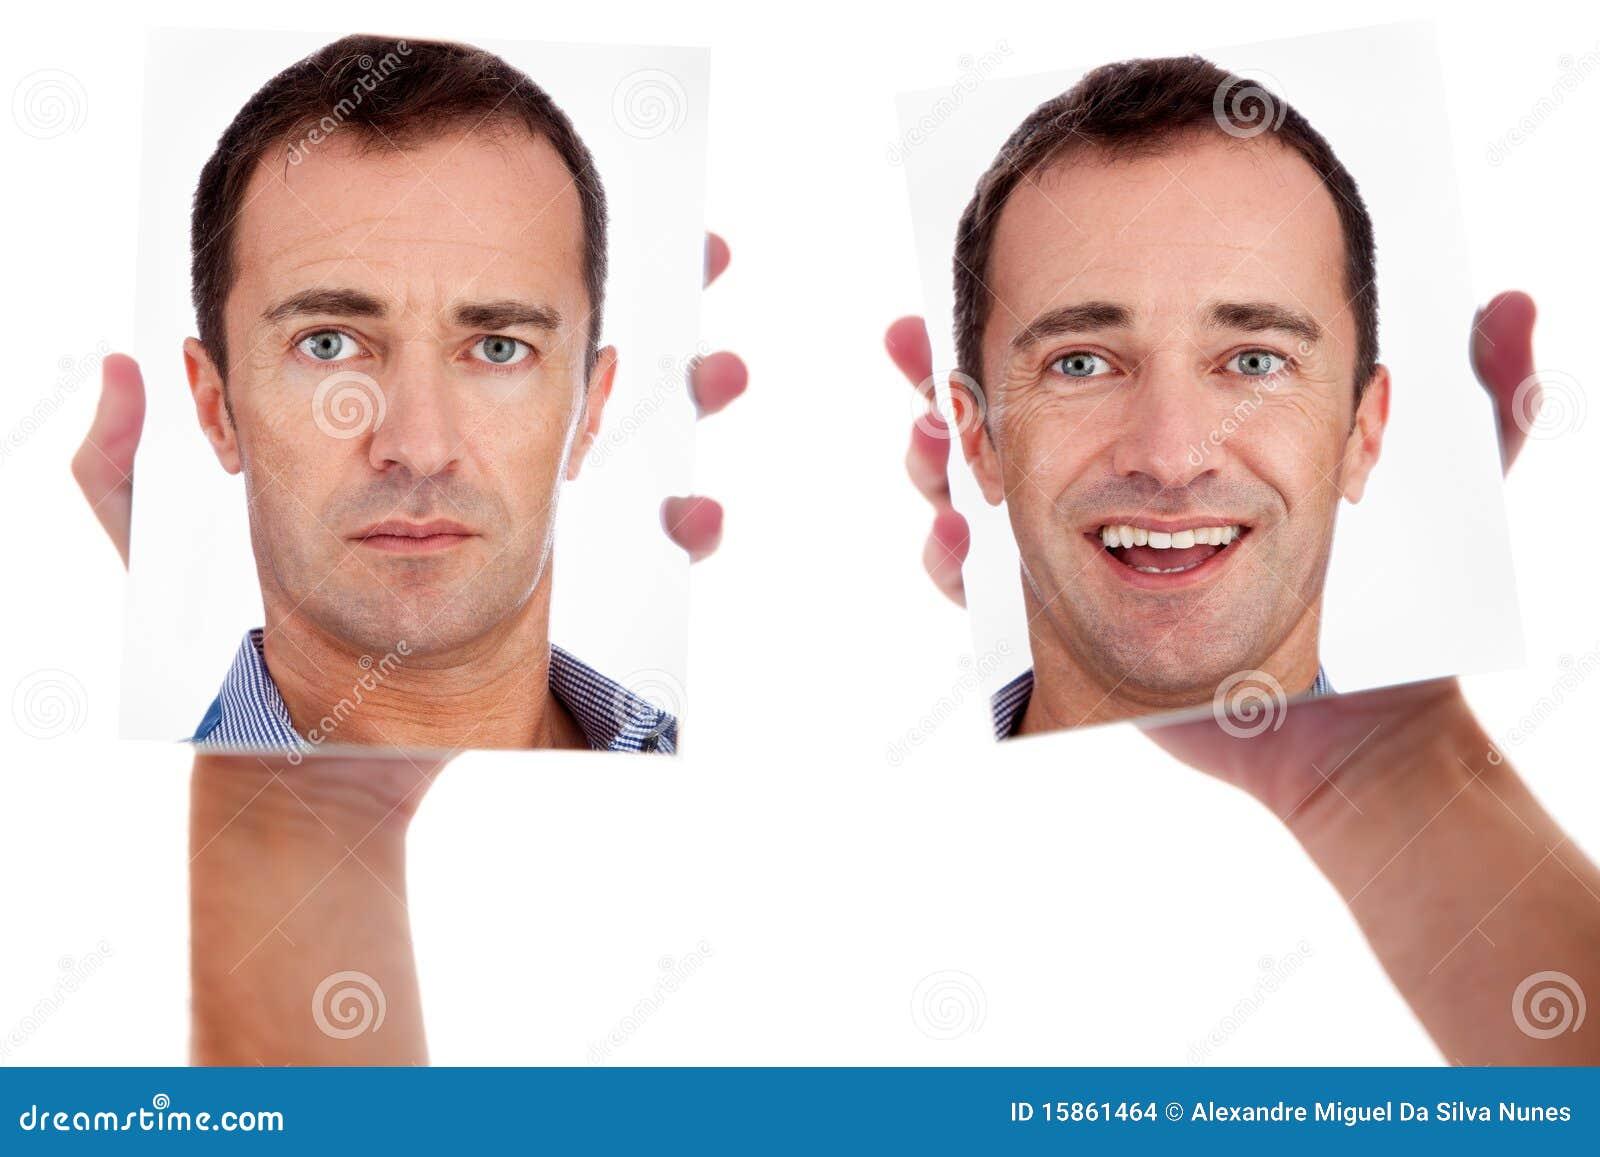 Één mens, met twee gezichten op de spiegel